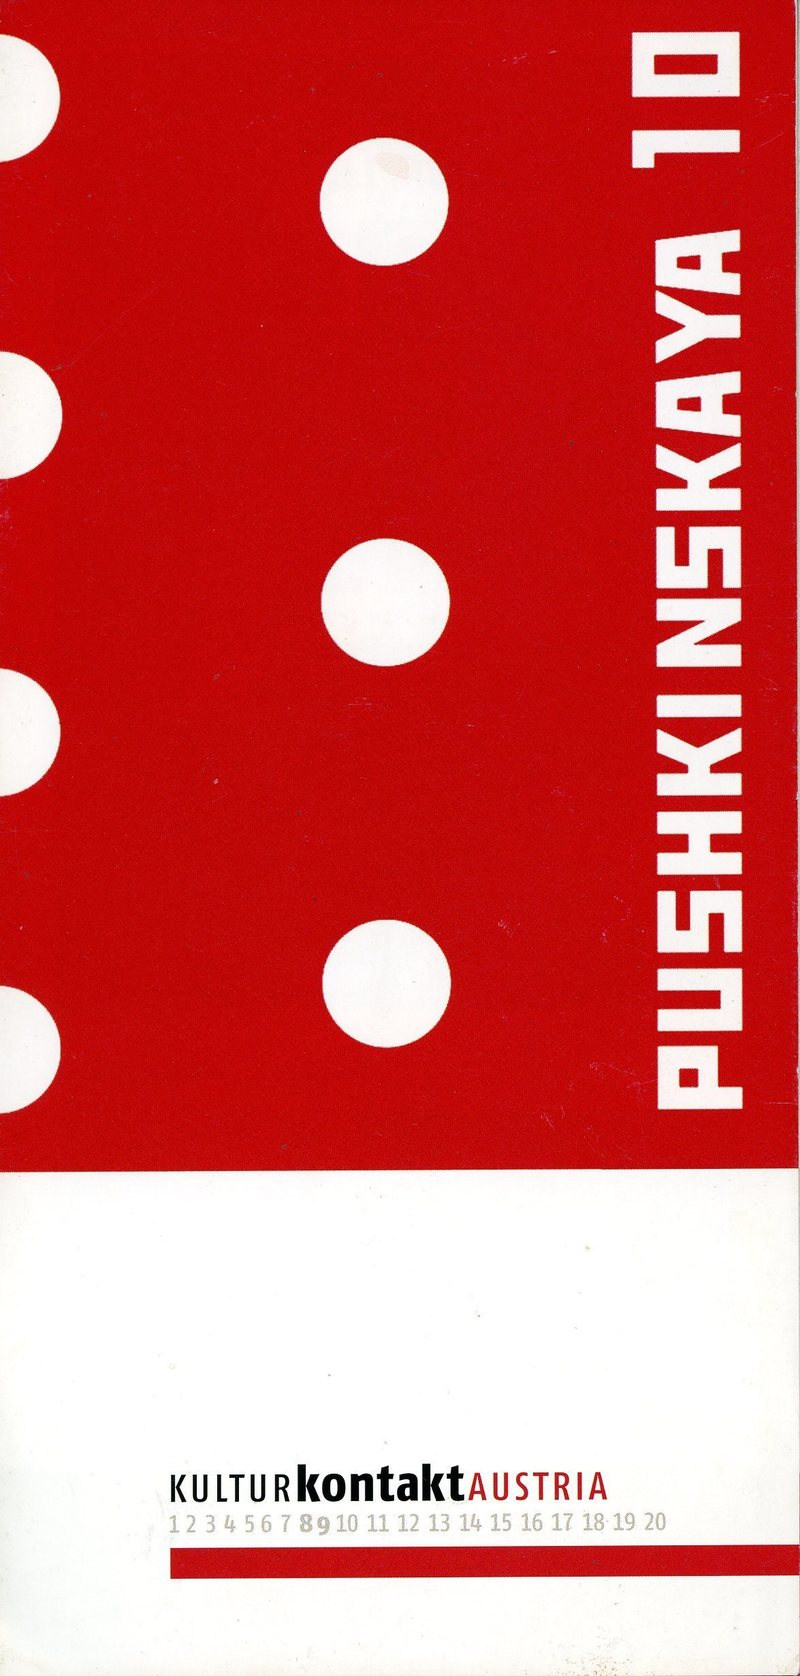 PUSHKINSKAYA 10